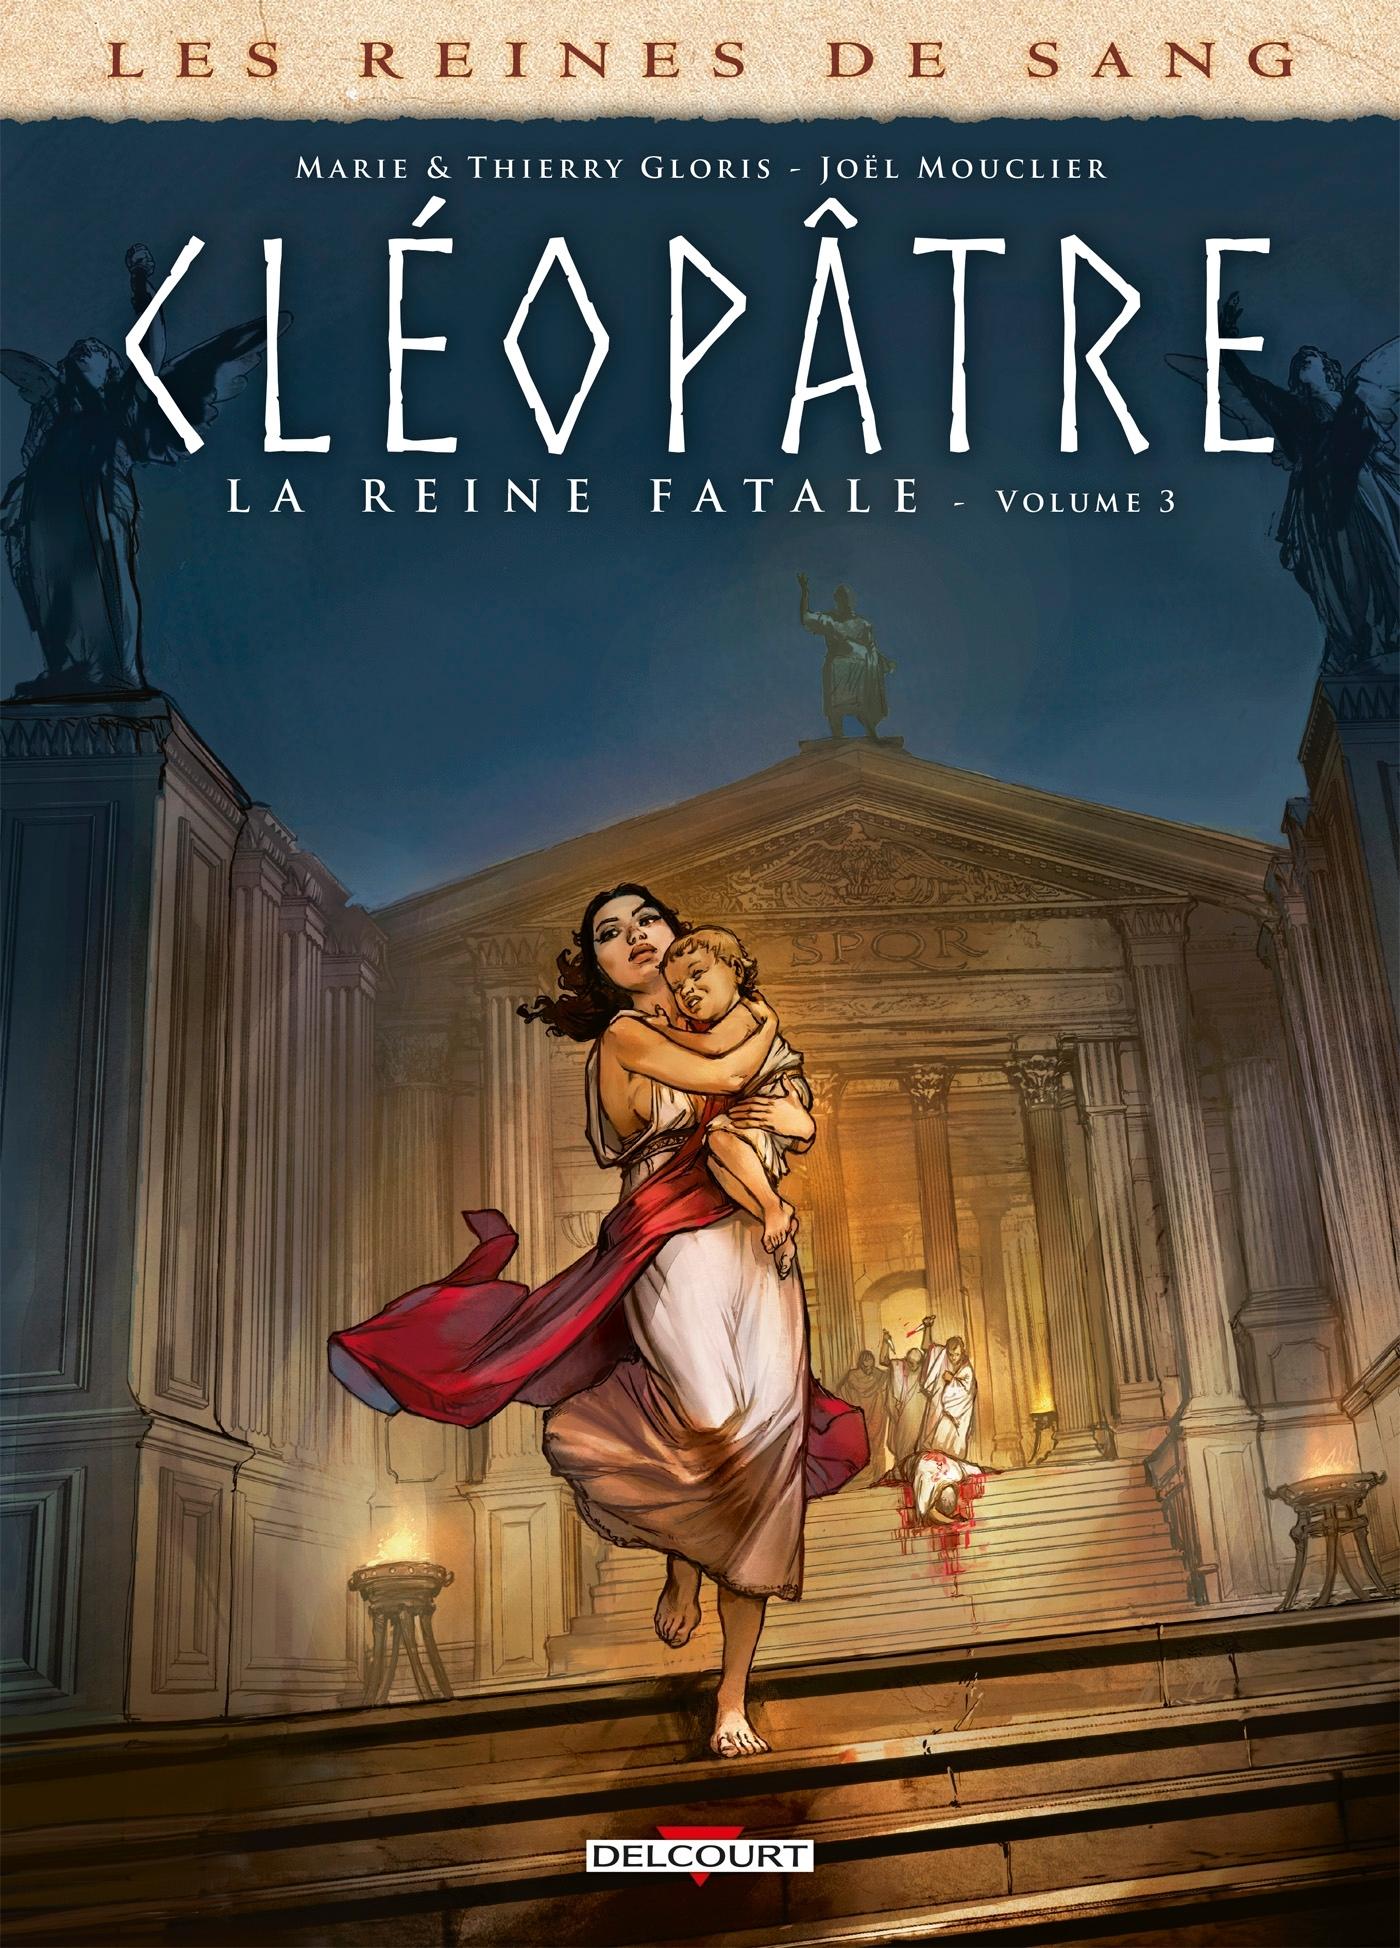 LES REINES DE SANG - CLEOPATRE, LA REINE FATALE T03